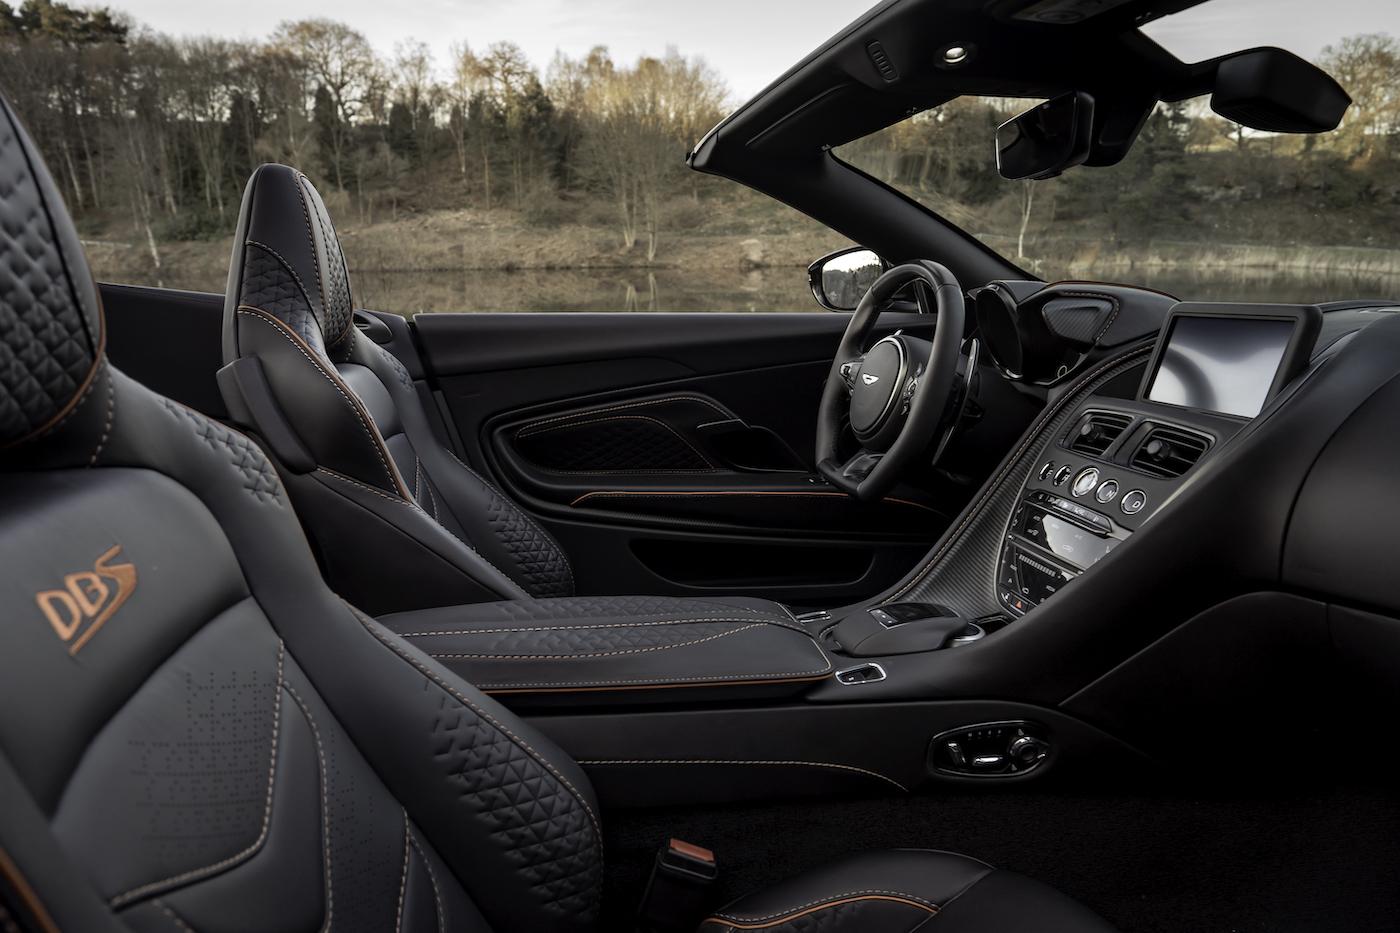 Aston Martin DBS Superleggera Volante: Ein Supersport-Cabrio mit 725 PS 6